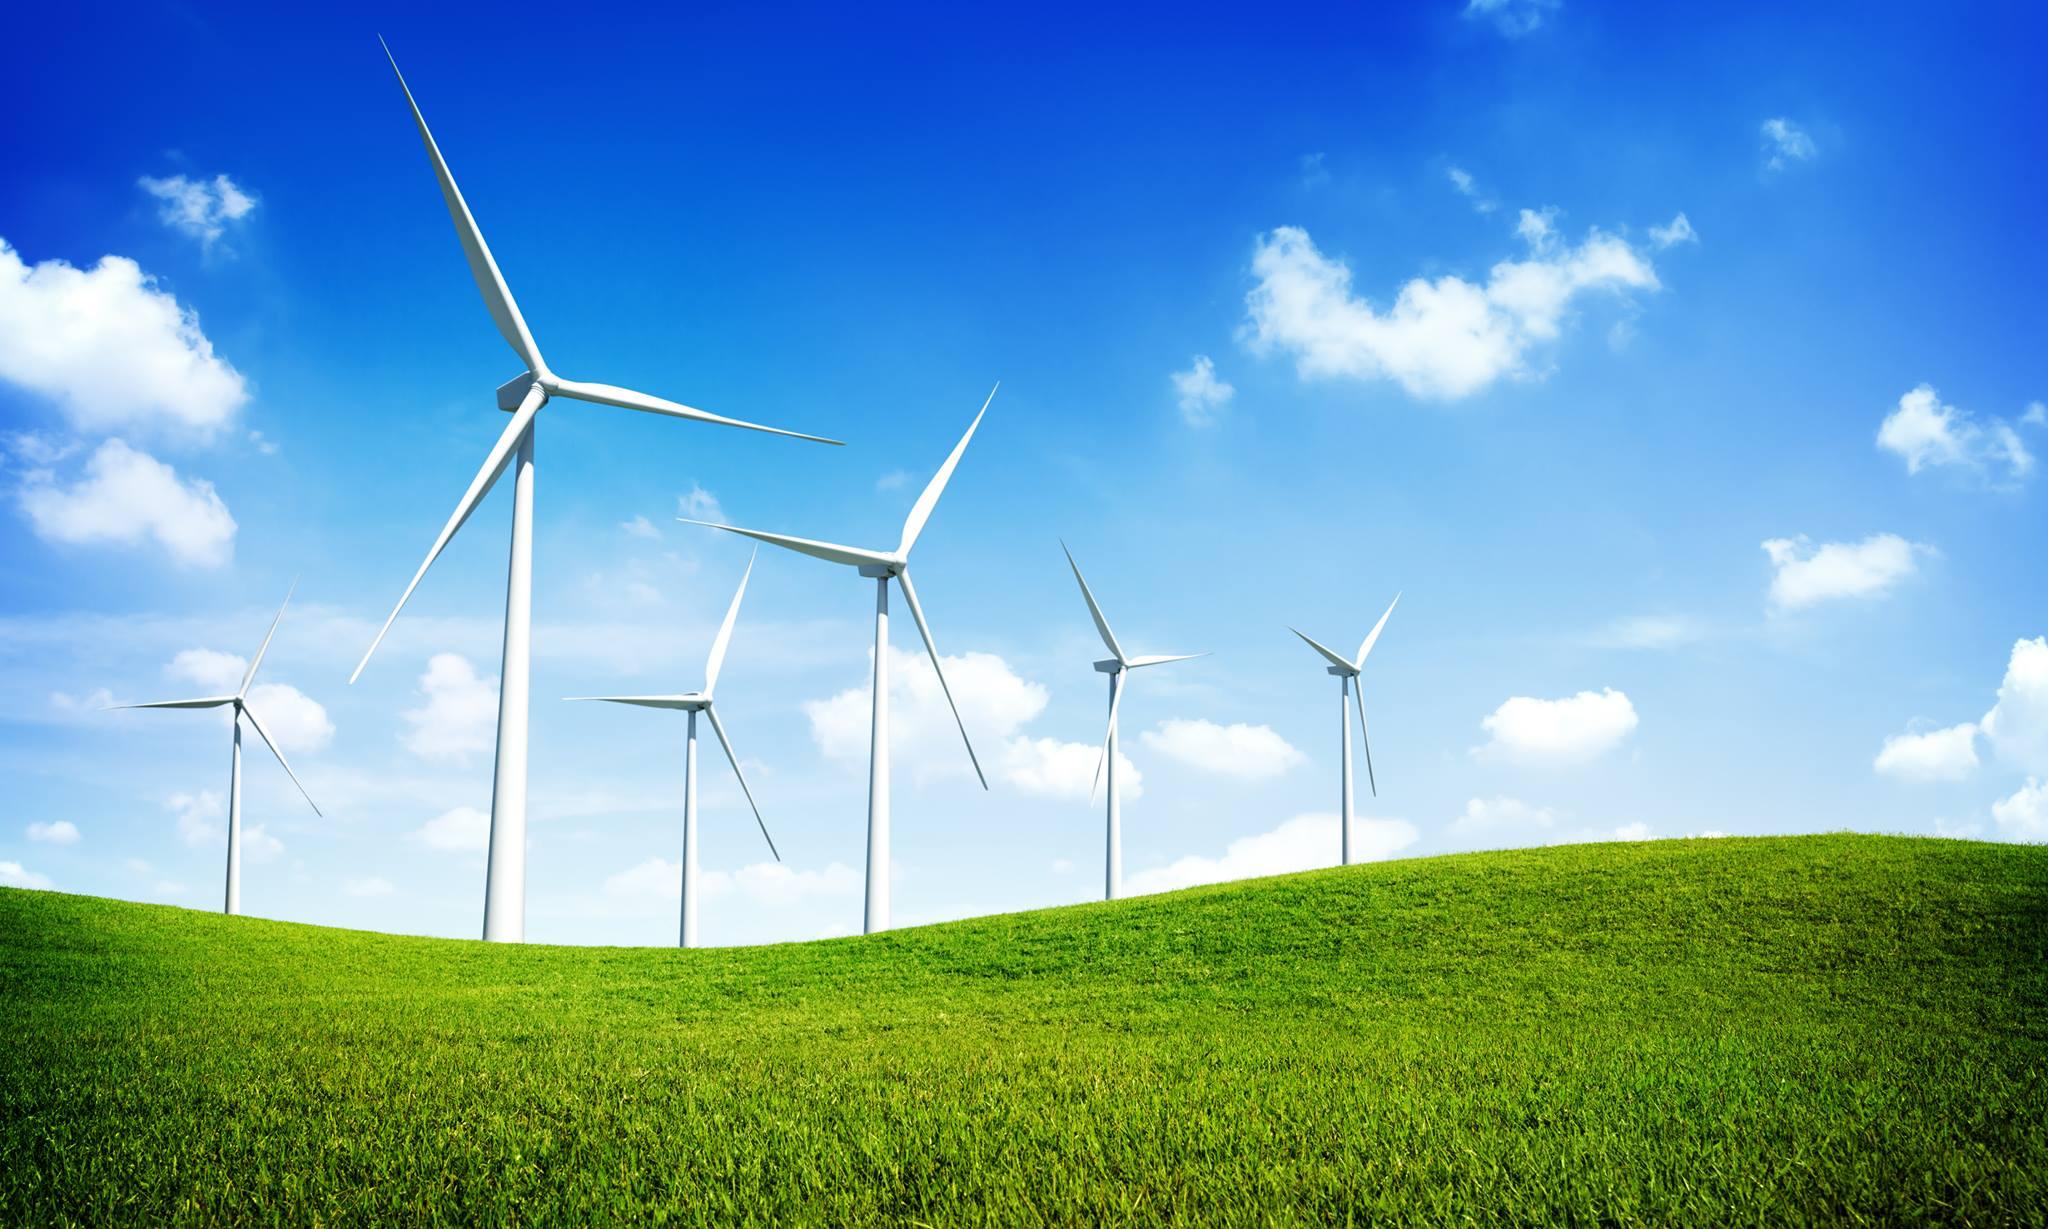 EnviromentEnergy Policy Planning - 地域に根ざす会社として、地域の身の丈に合った持続可能な環境ビジネスモデルを提案展開します。